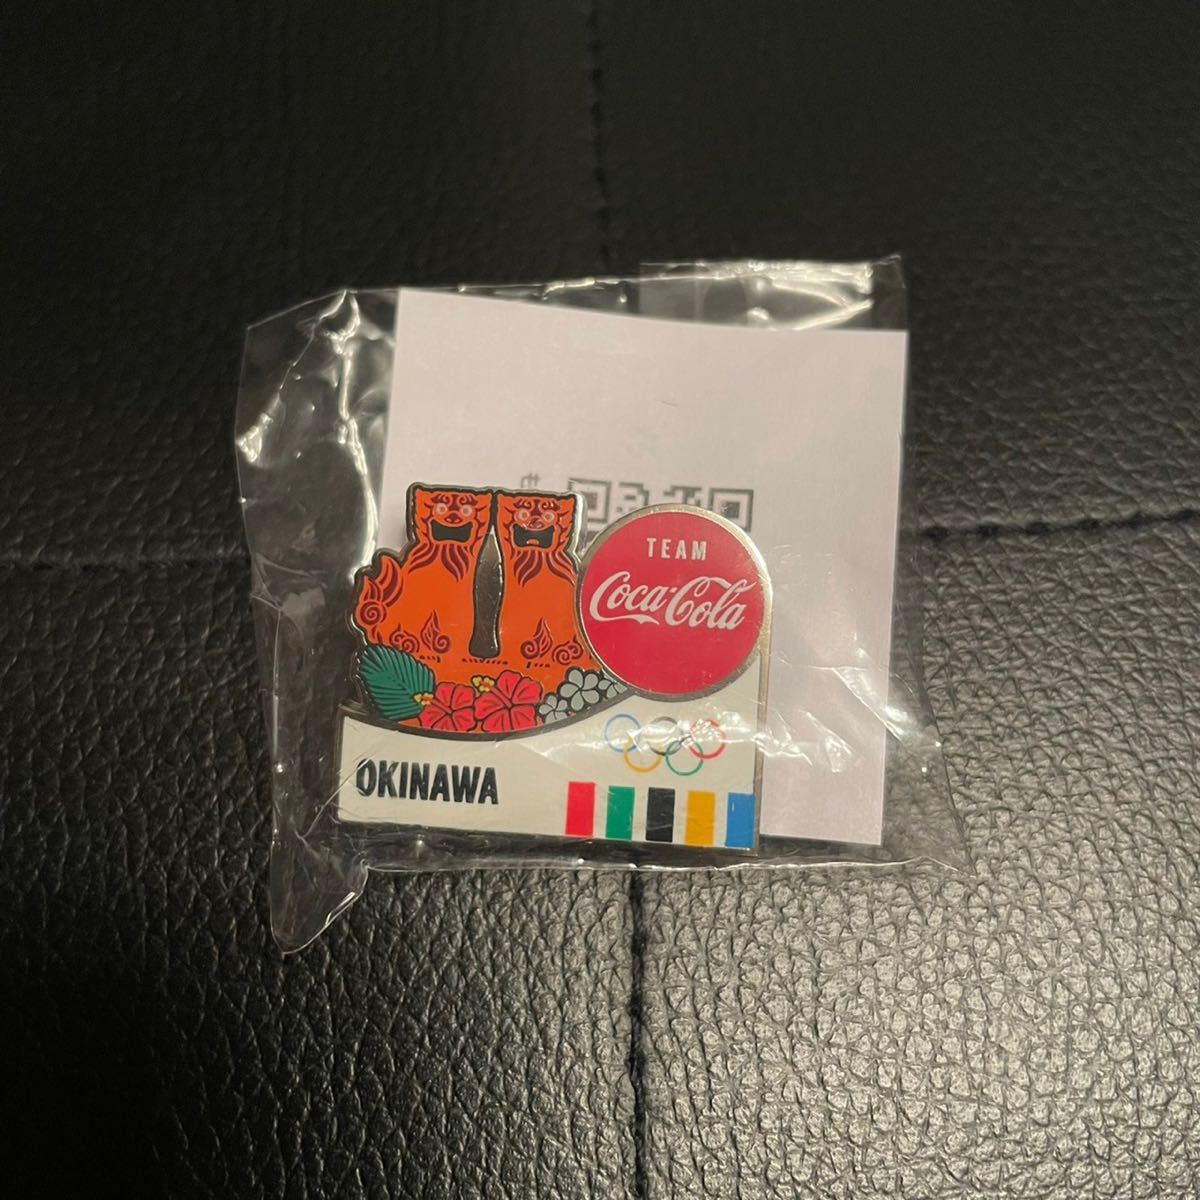 東京オリンピック 2020 コカコーラ ピンバッチ/OKINAWA 沖縄県